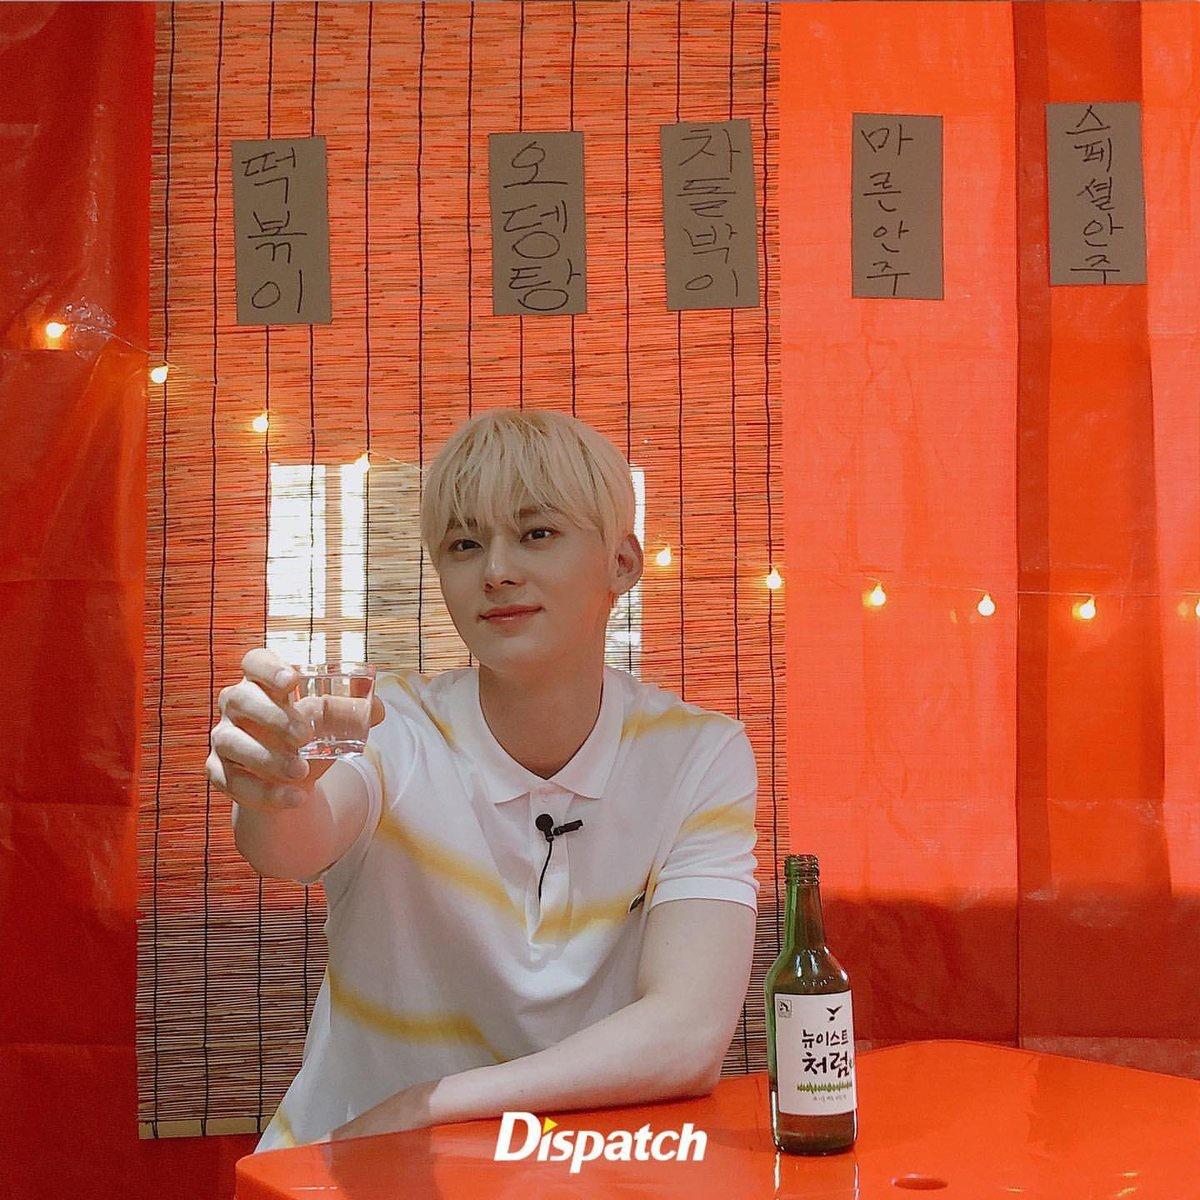 """200809 มินฮยอนจาก instagram ของ Dispatch (2) """"สุขสันต์วันเกิดของ 'NU'EST' มินฮยอนครับ🎂💝 เพื่อเป็นที่ระลึกในวันเกิด เปิดเผยรูปที่ไม่เคยเปิดเผยที่ไหนมาก่อน🦊💕_3"""